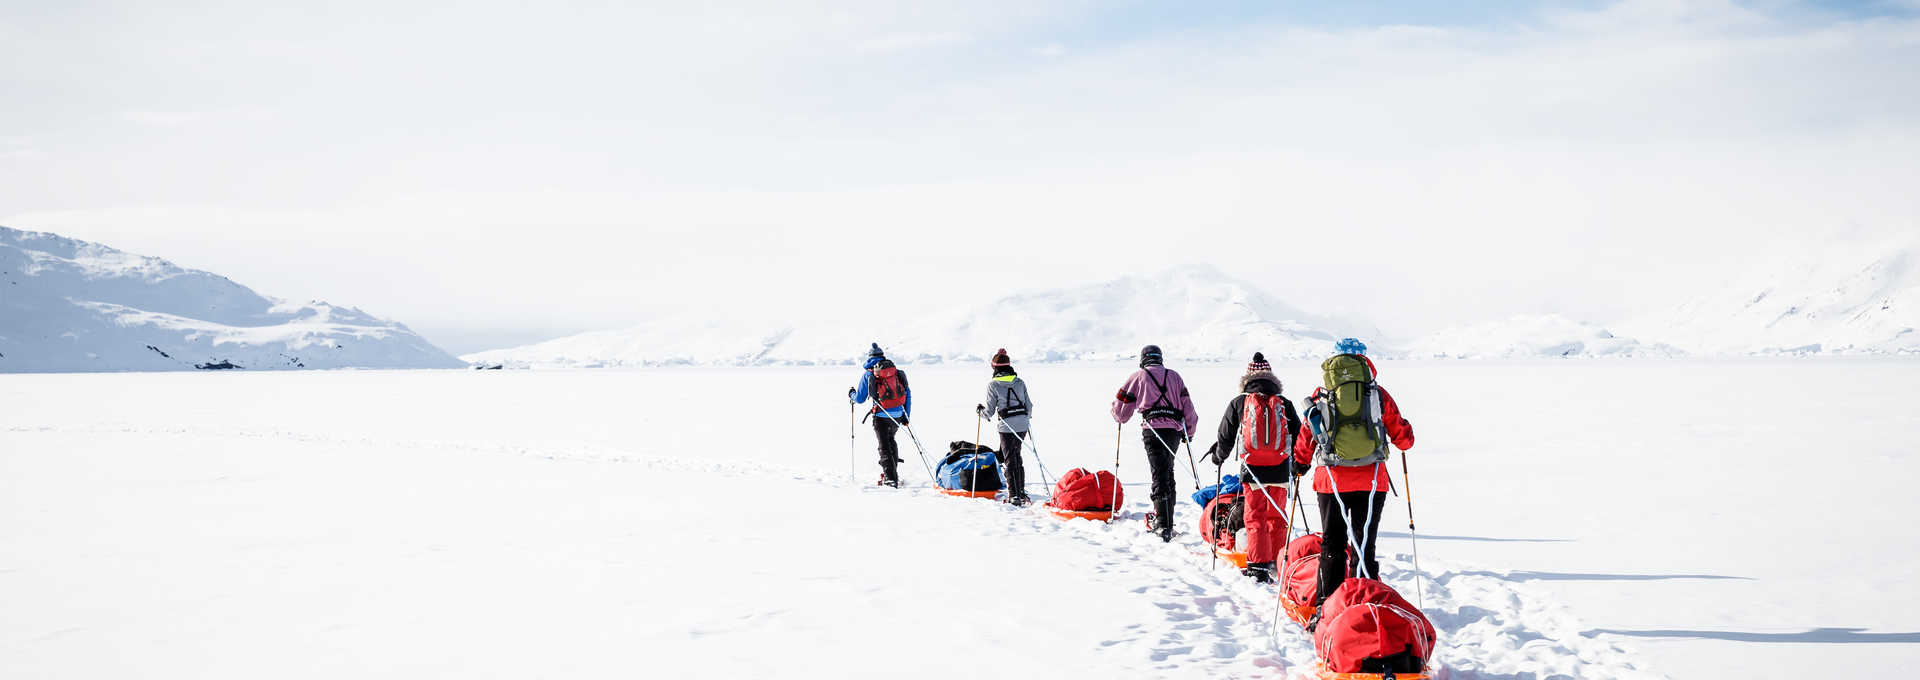 voyage raquettes en hiver au Groenland